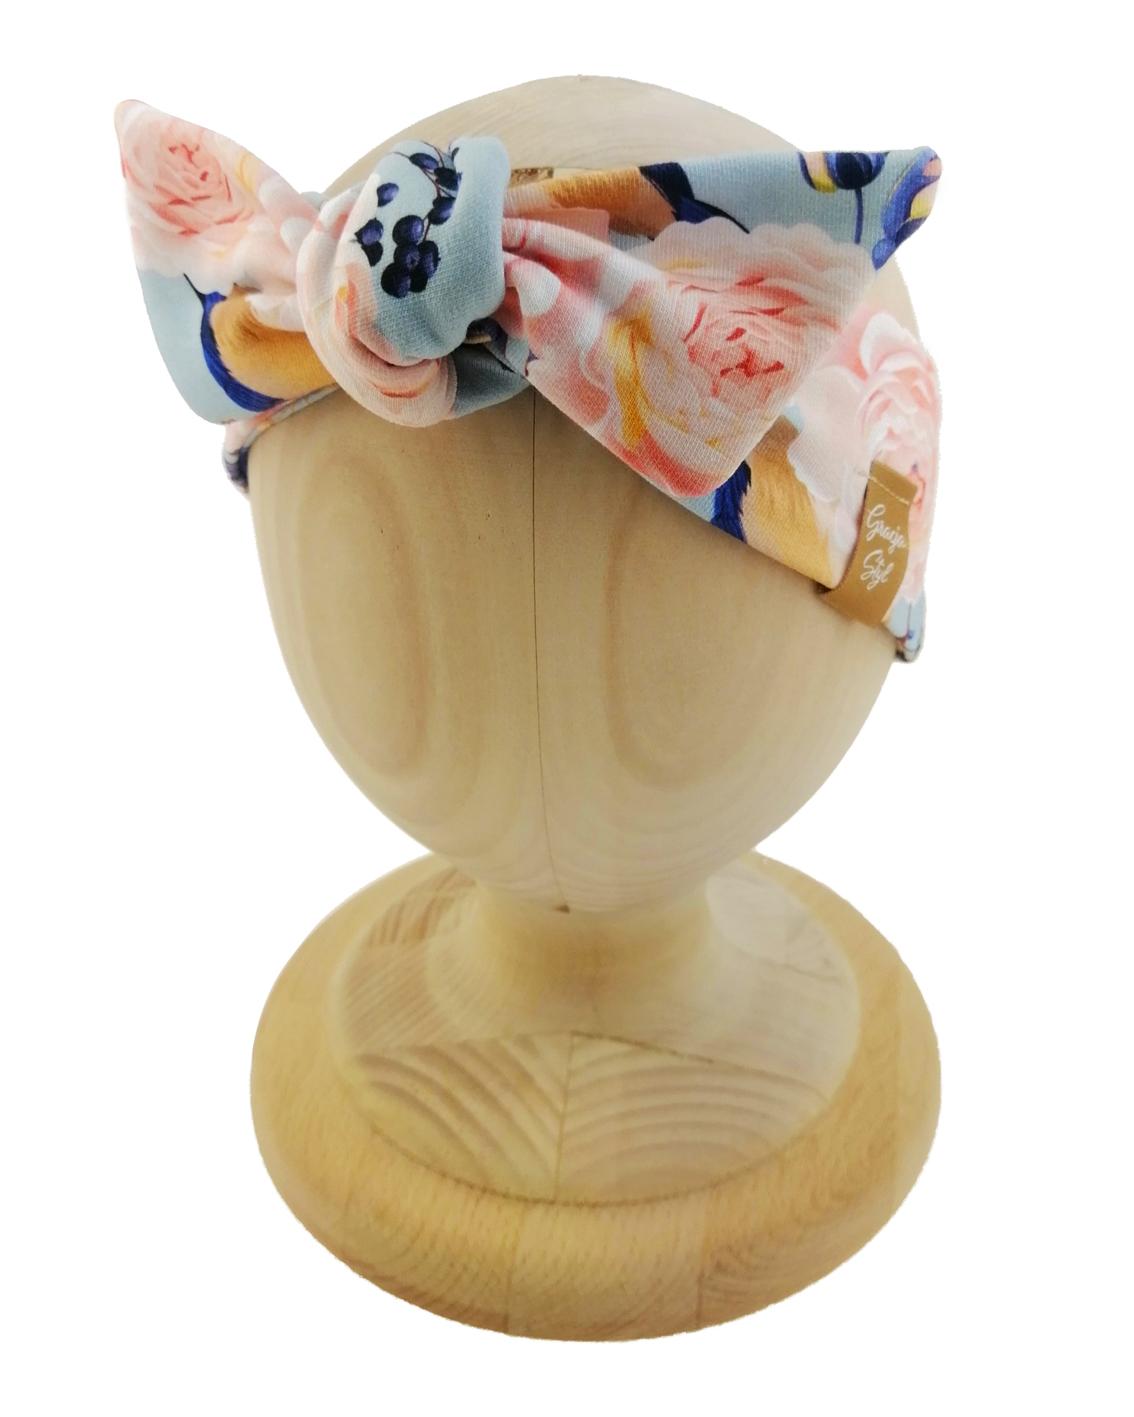 Opaska kobieca typu Pin-up marki Gracja Styl. Uszyta z bawełny petelkowej typu dresówka. Wzór opaski przedwiośnie.